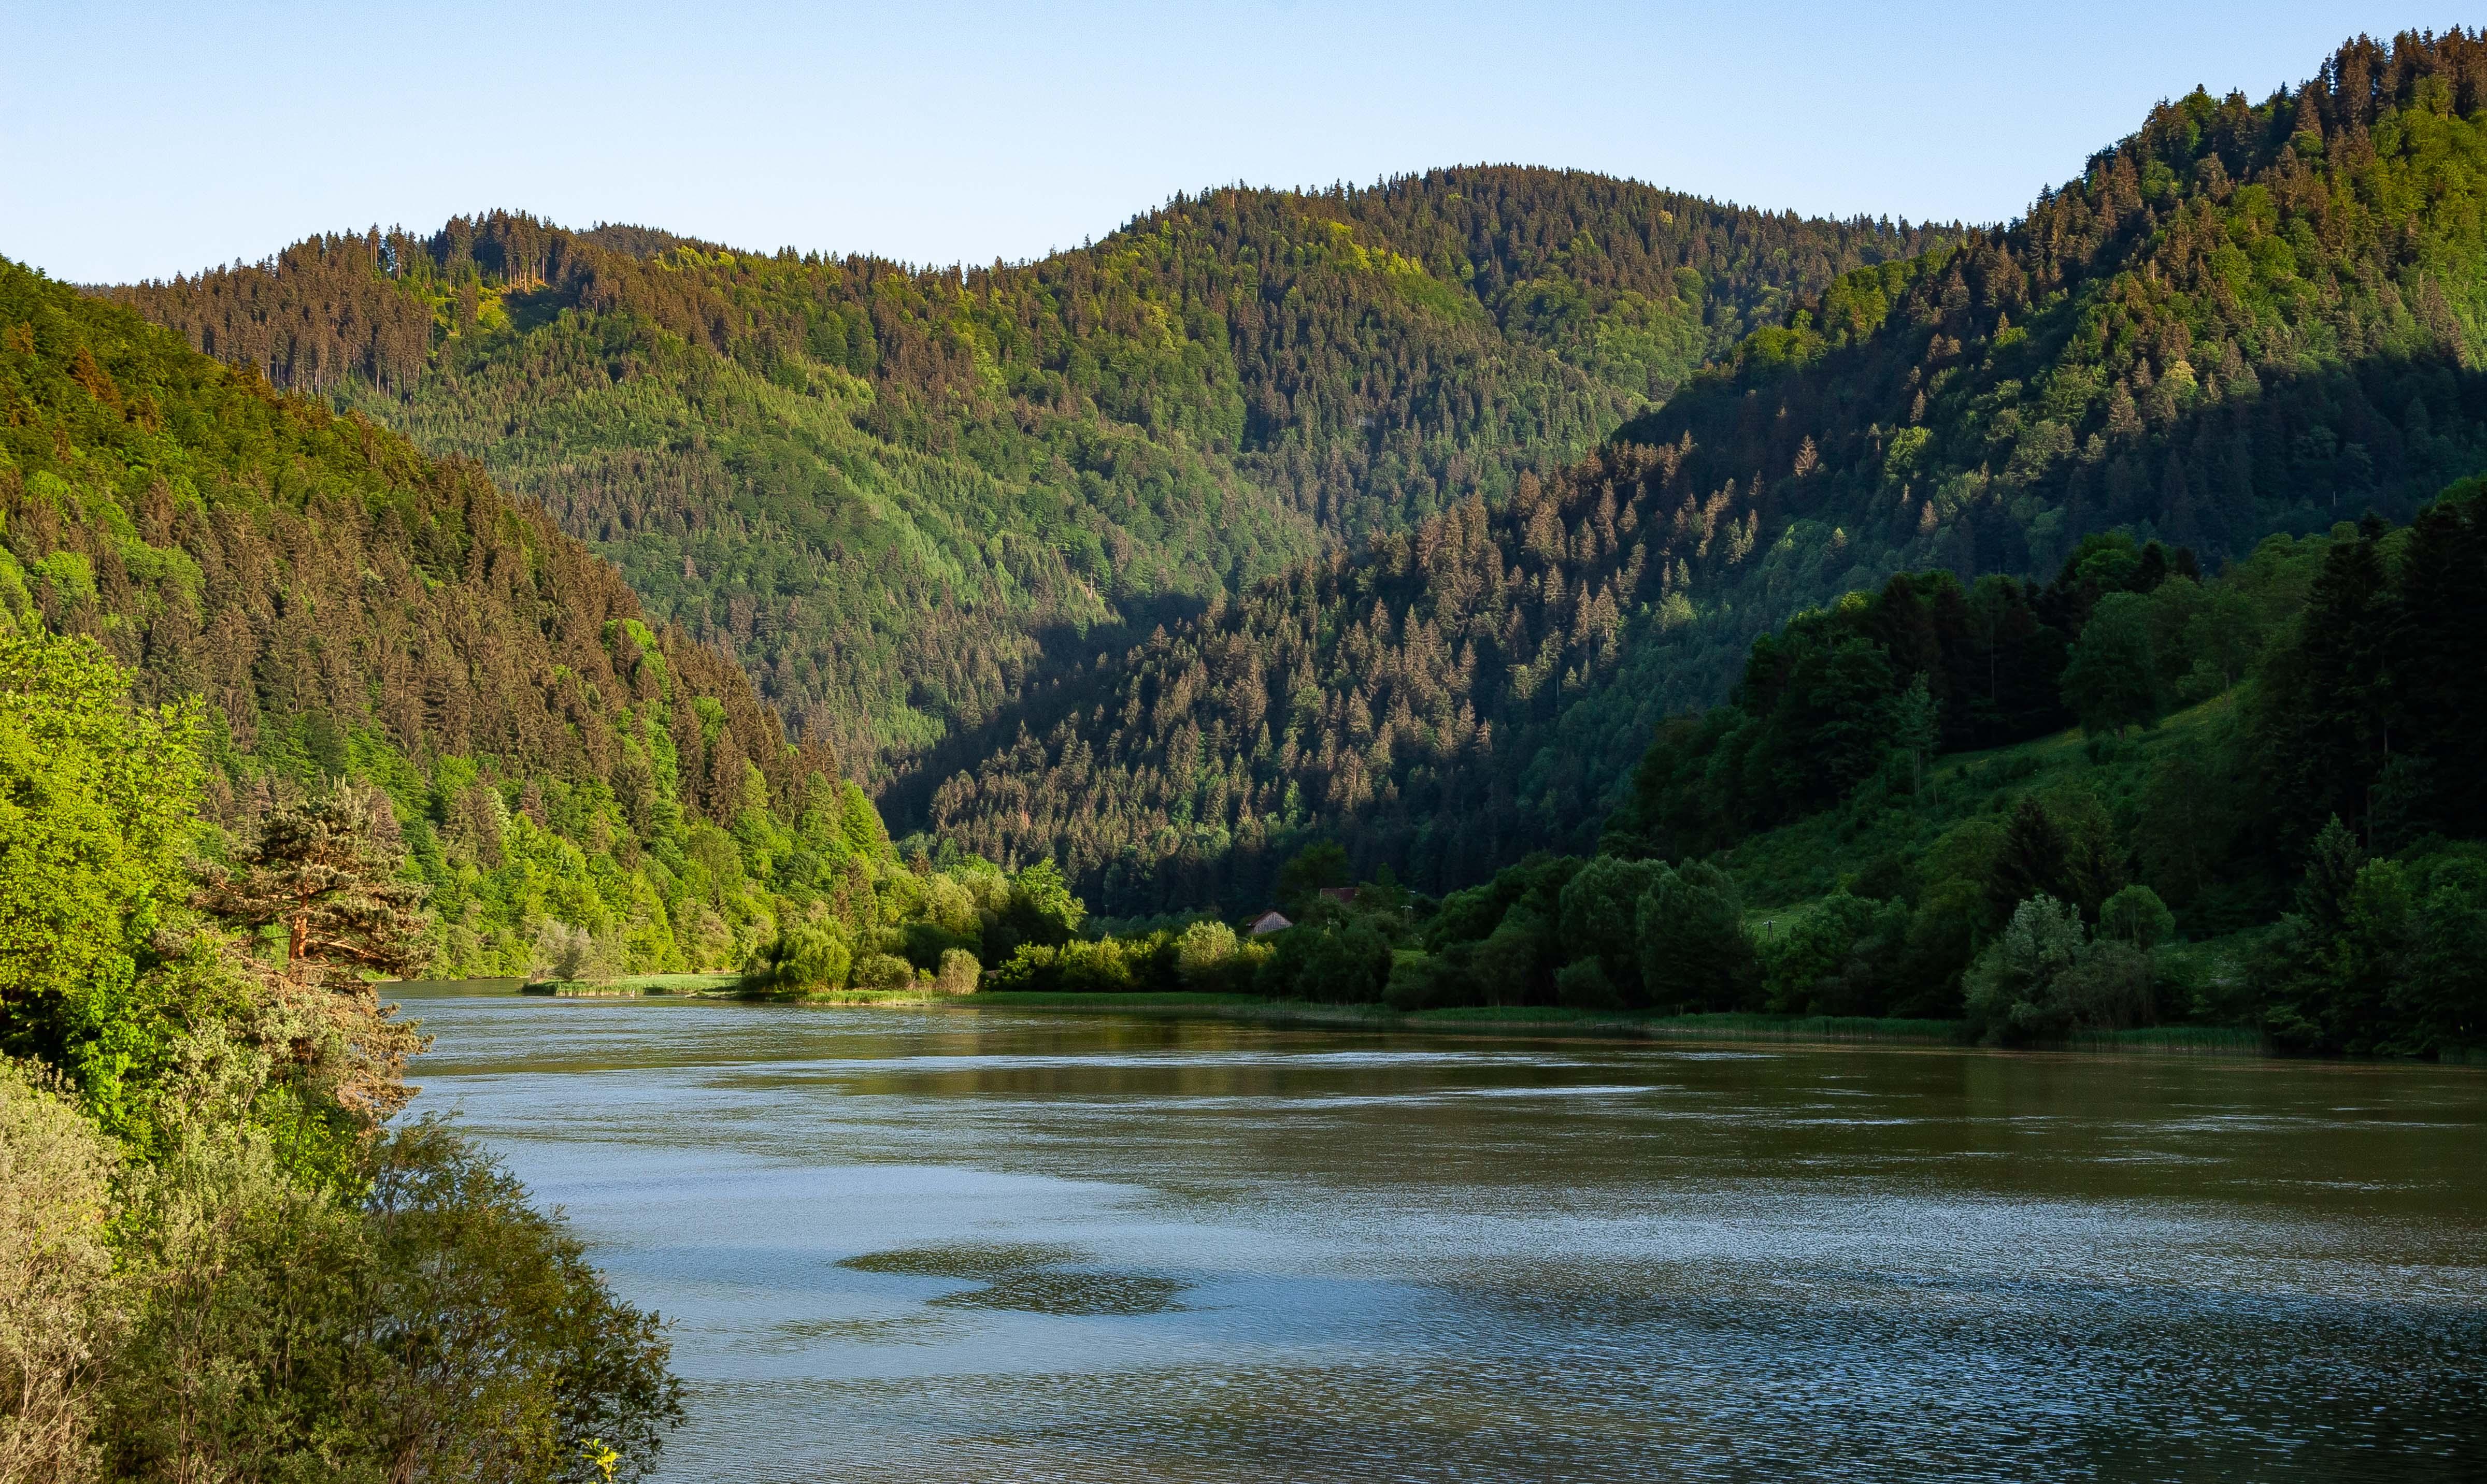 Slovenia, Radlje Ob Dravi Prov, River, 2006, IMG 8686